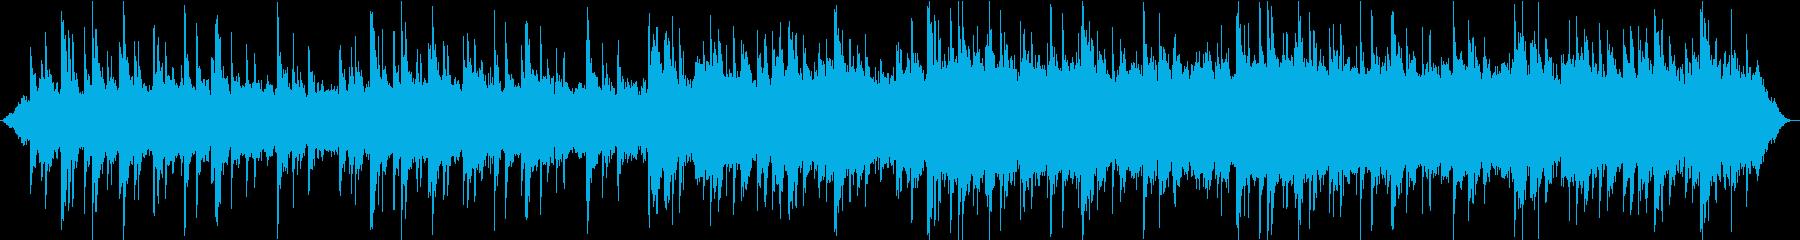 海音とピアノが印象的なリラックス音楽の再生済みの波形